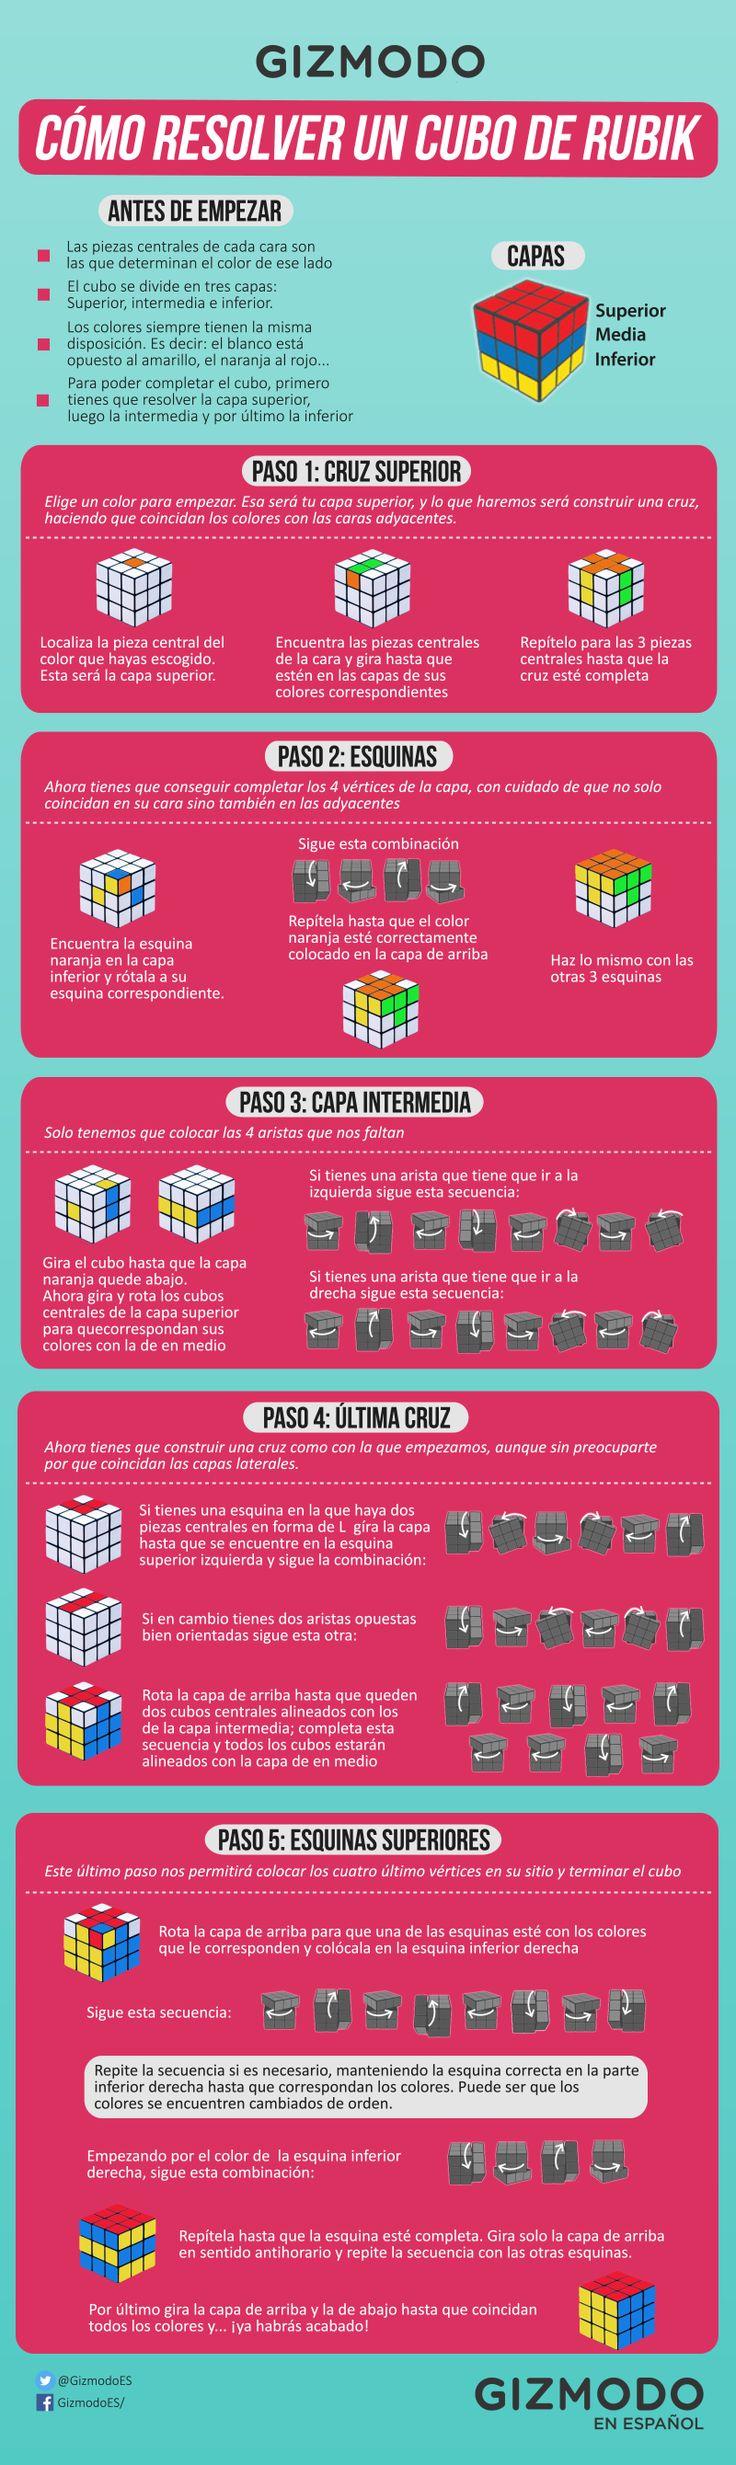 Cómo resolver el cubo de Rubik en 5 pasos